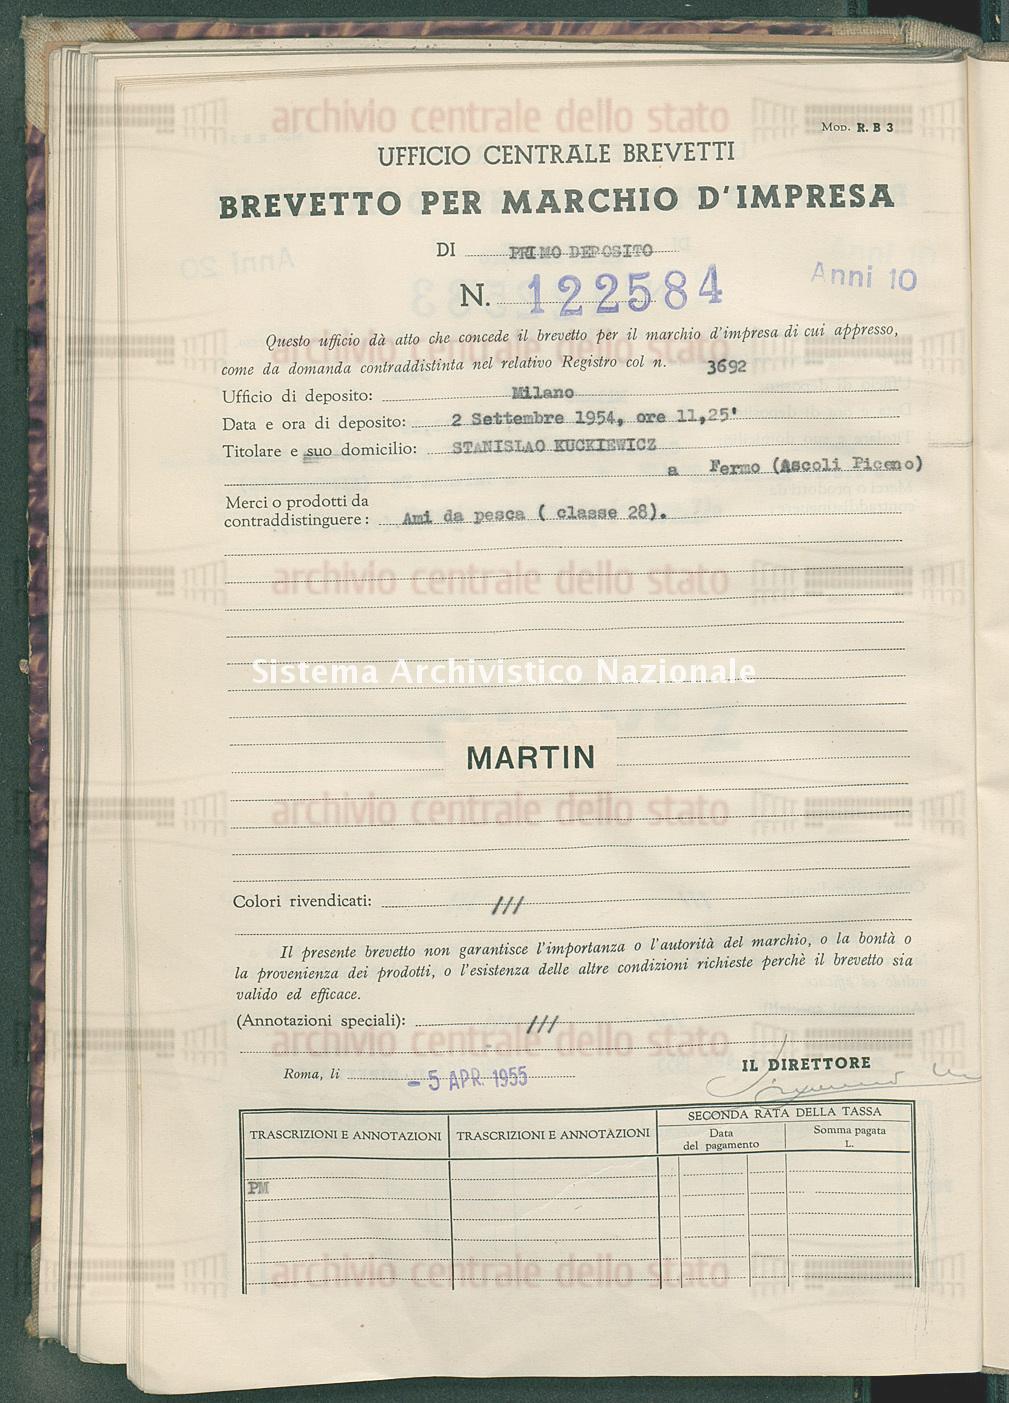 Ami da prova Stanislao Kuckiewicz (05/04/1955)